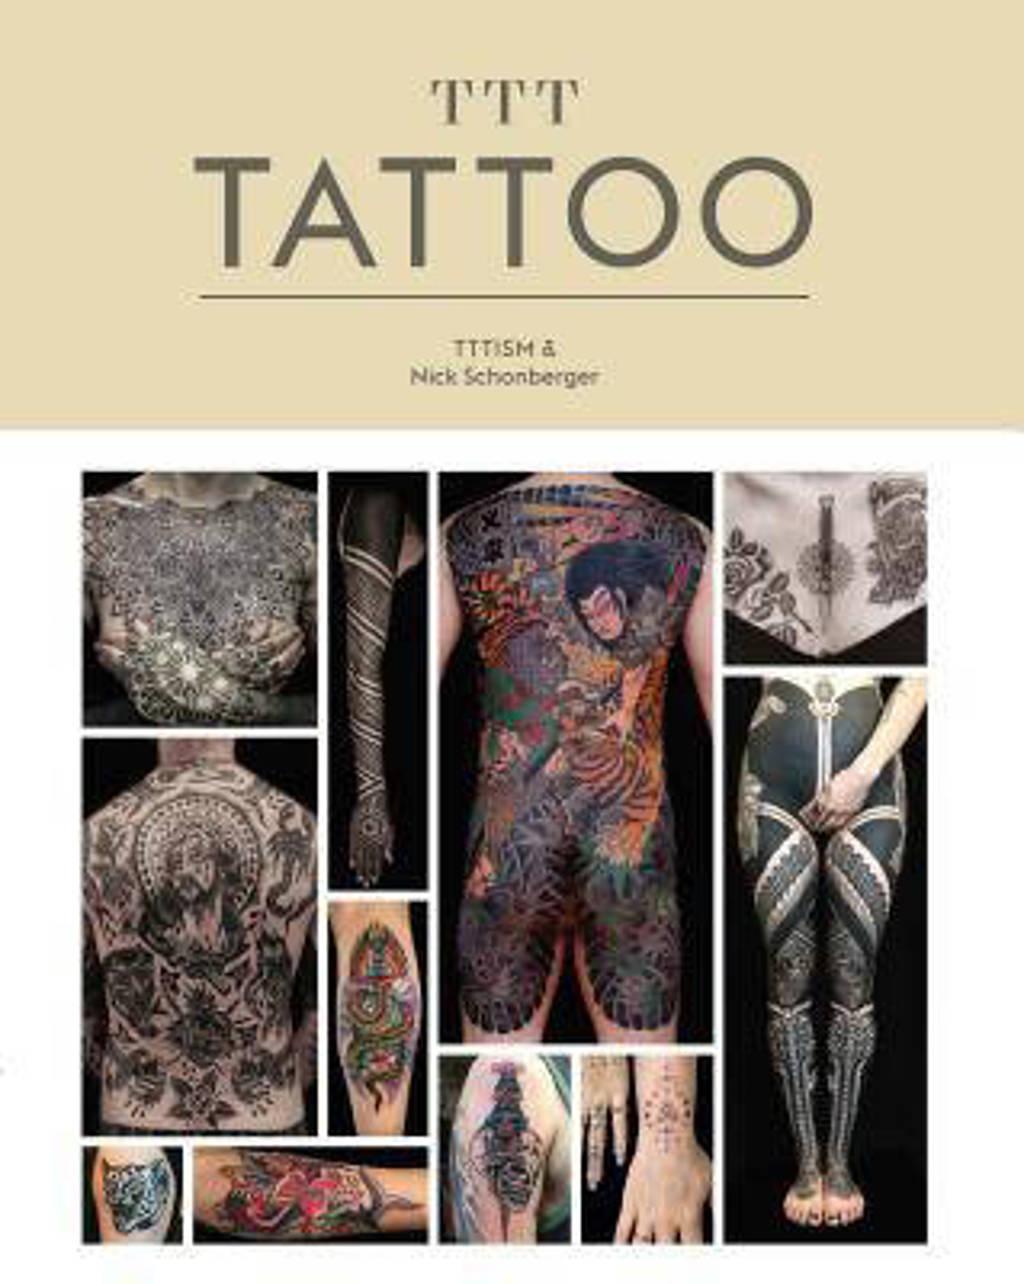 Tattoo - Buchi, Maxime